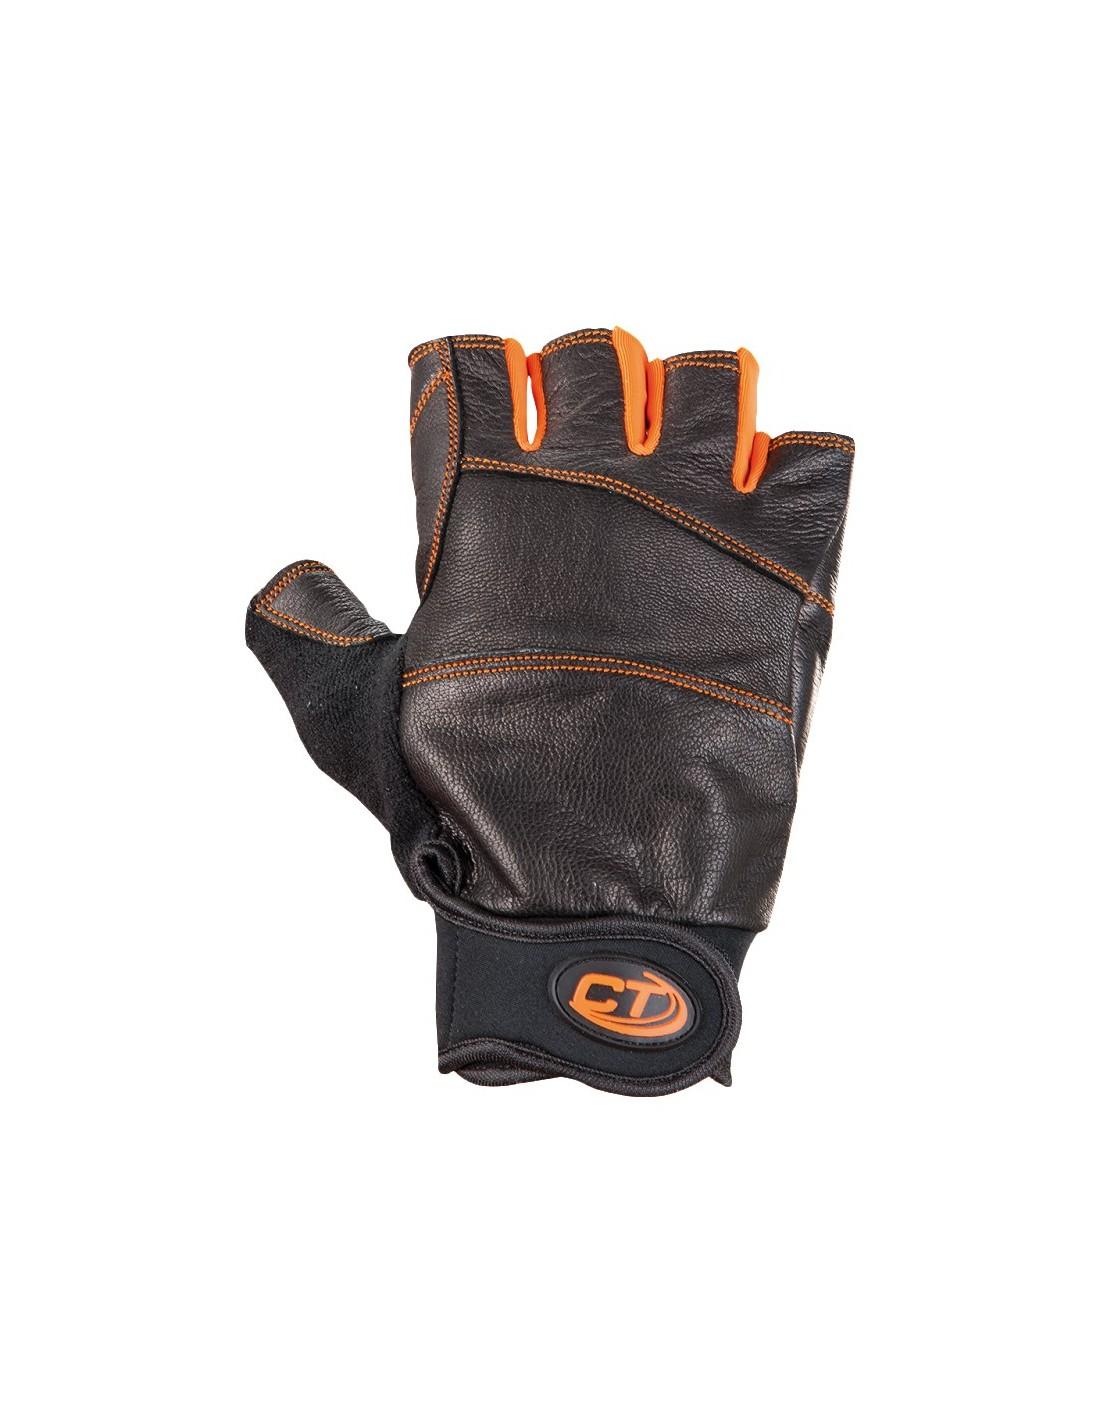 Climbing Technology Kletterhandschuhe Progrip Ferrata Handschuh - L, Handschuhfa